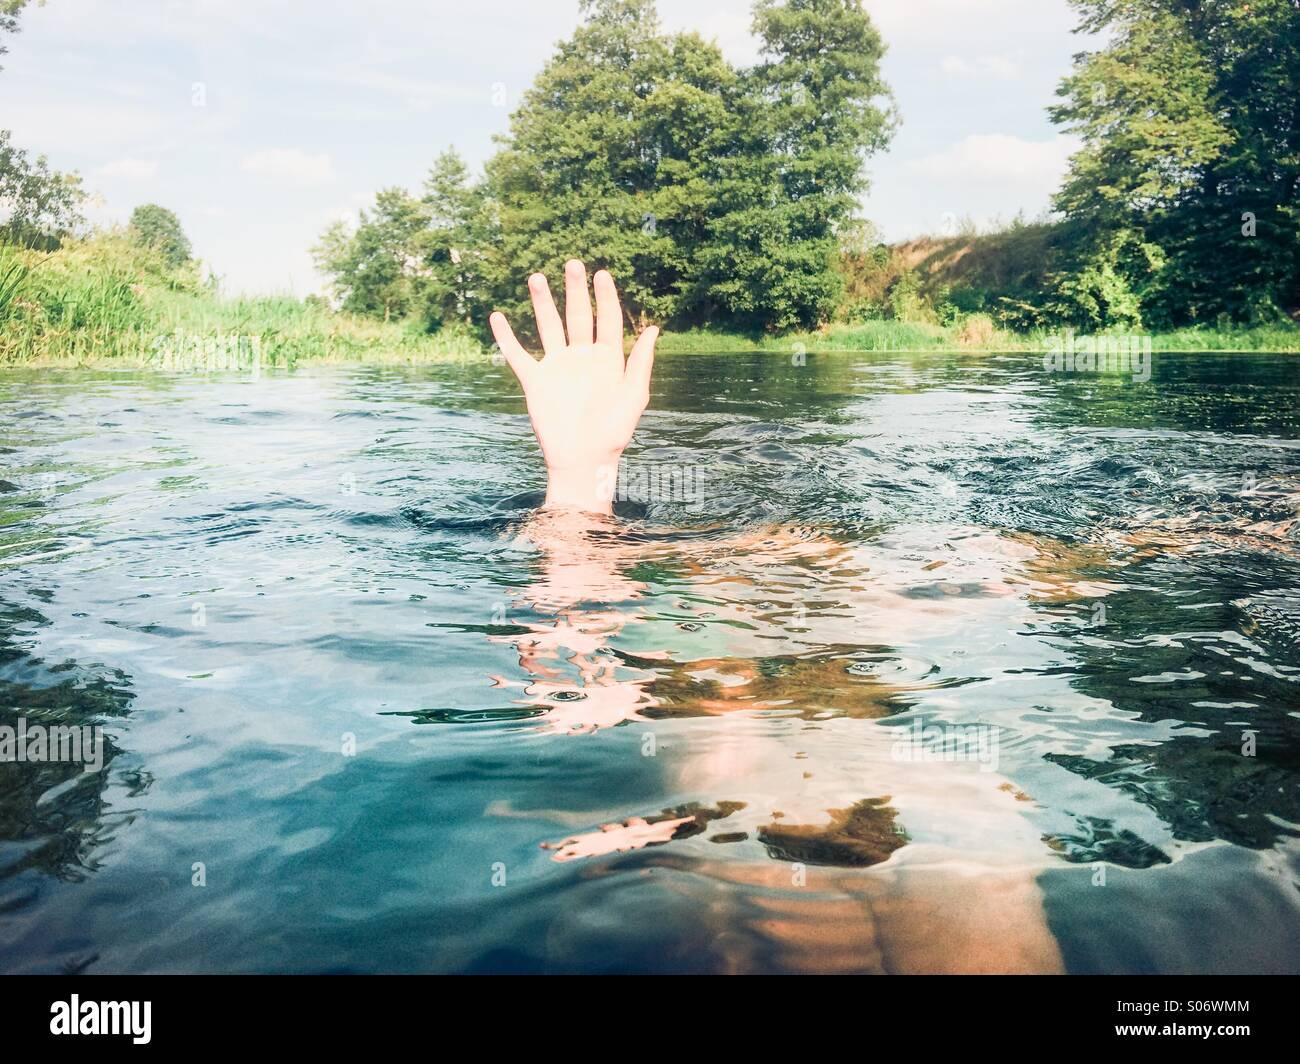 Garçon immergé dans un fleuve en gardant sa main au-dessus de l'eau Photo Stock